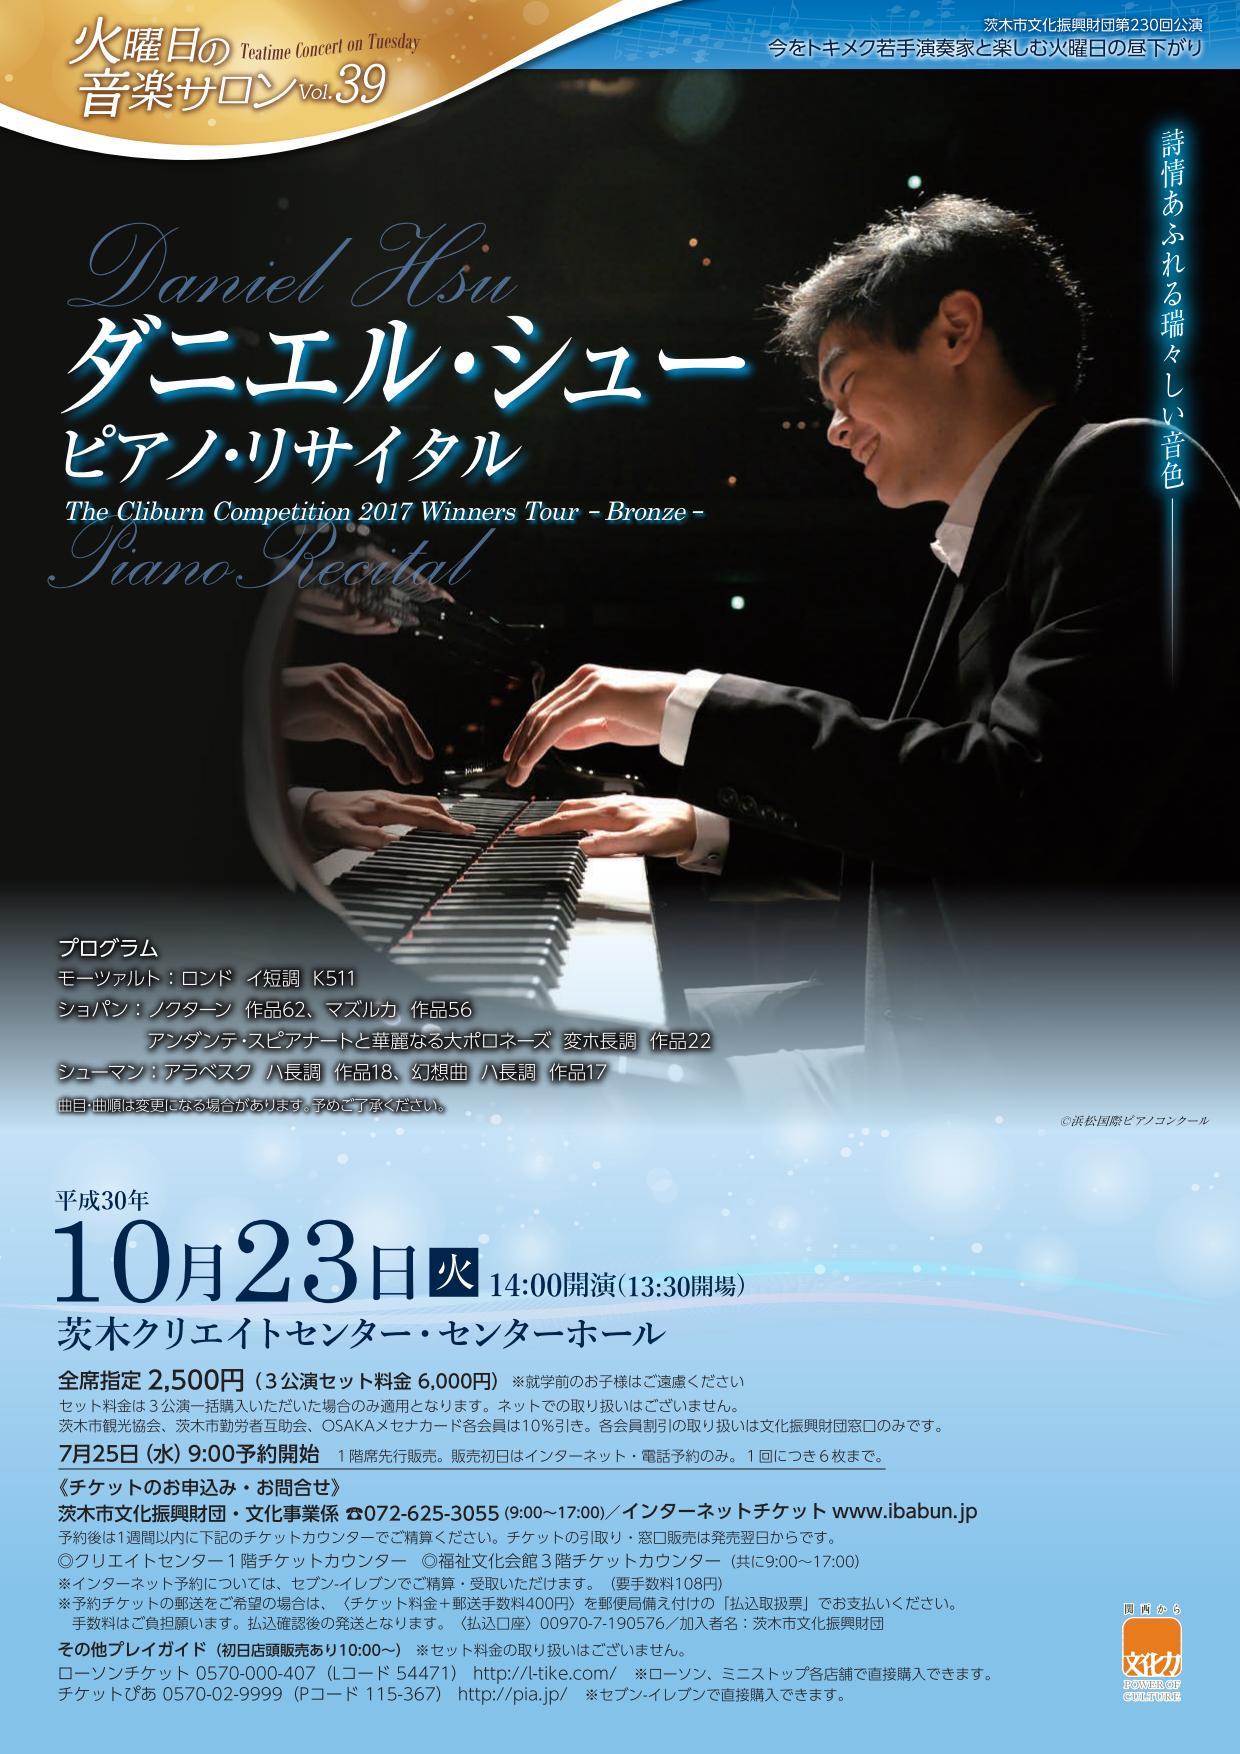 火曜日の音楽サロンVol.39 ダニエル・シュー ピアノ・リサイタル